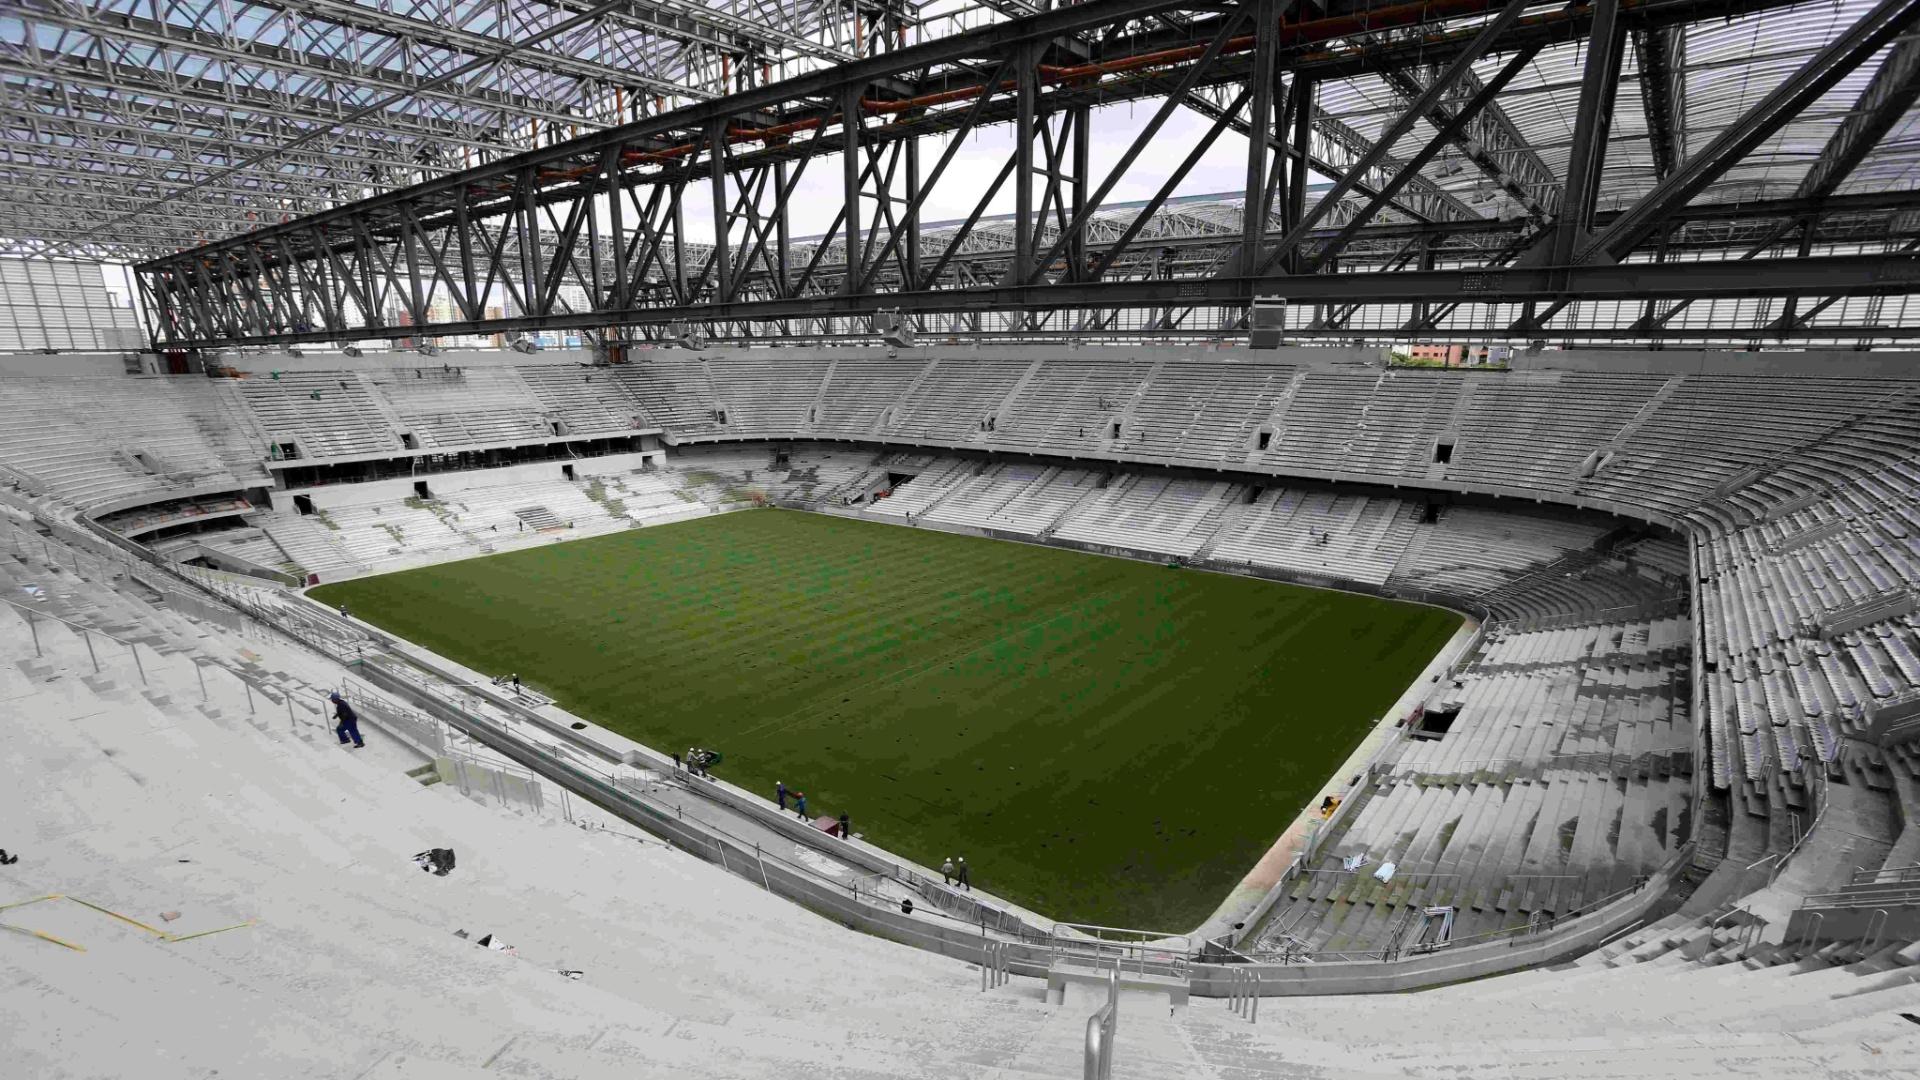 17.fev.2014 - Obra da Arena da Baixada atinge 91%, a mais atrasada entre as cinco arenas que continuam em obras